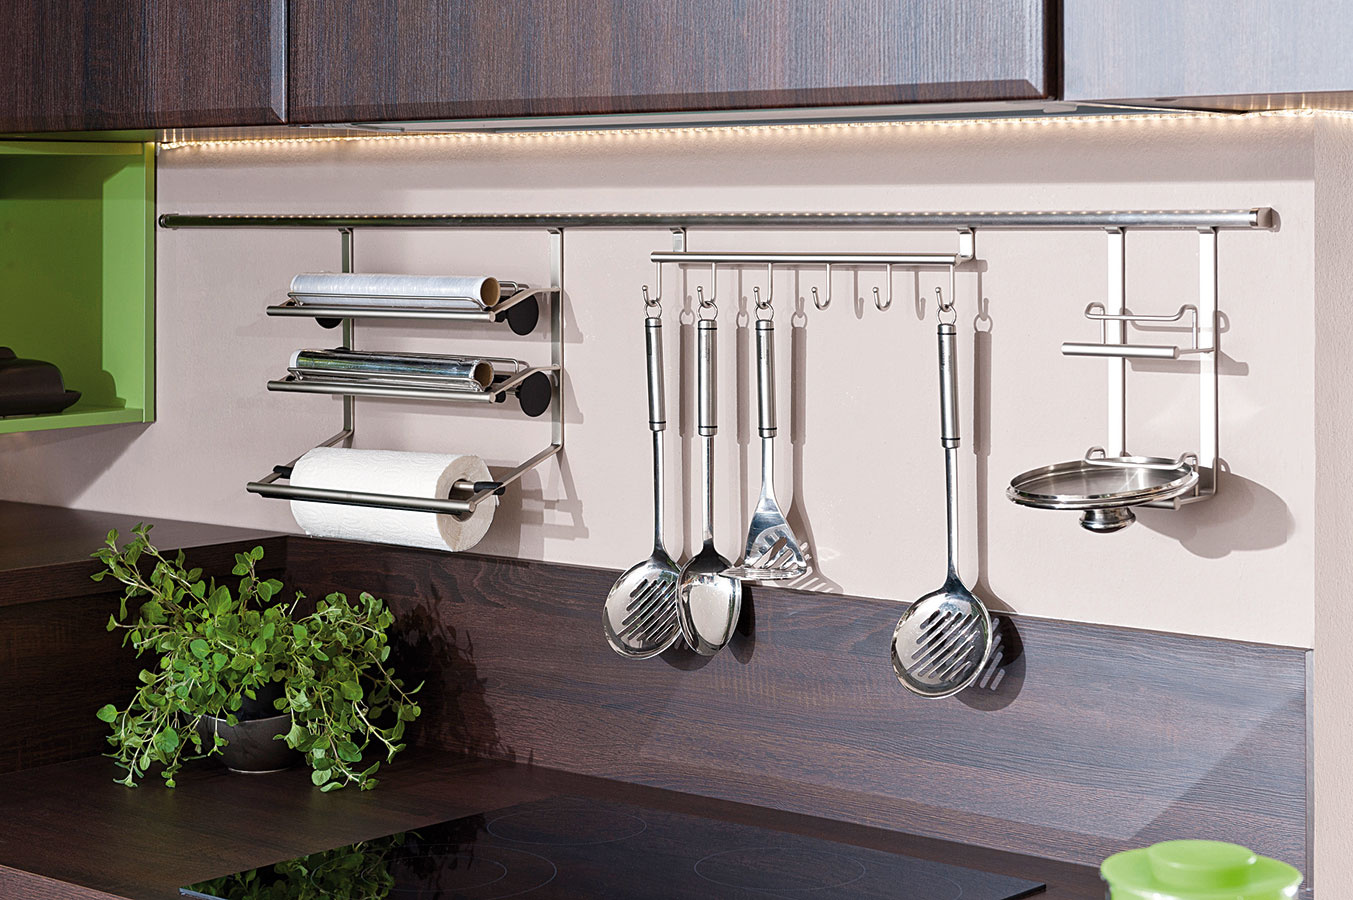 Kuchynské náčinie, doplnky či pokrievky môžu visieť aj na špeciálnych organizéroch azávesných systémoch upevnených na kuchynskej zástene. Výhodou je ich dekoratívny charakter. (foto: Decodom, kuchyňa Carmen)